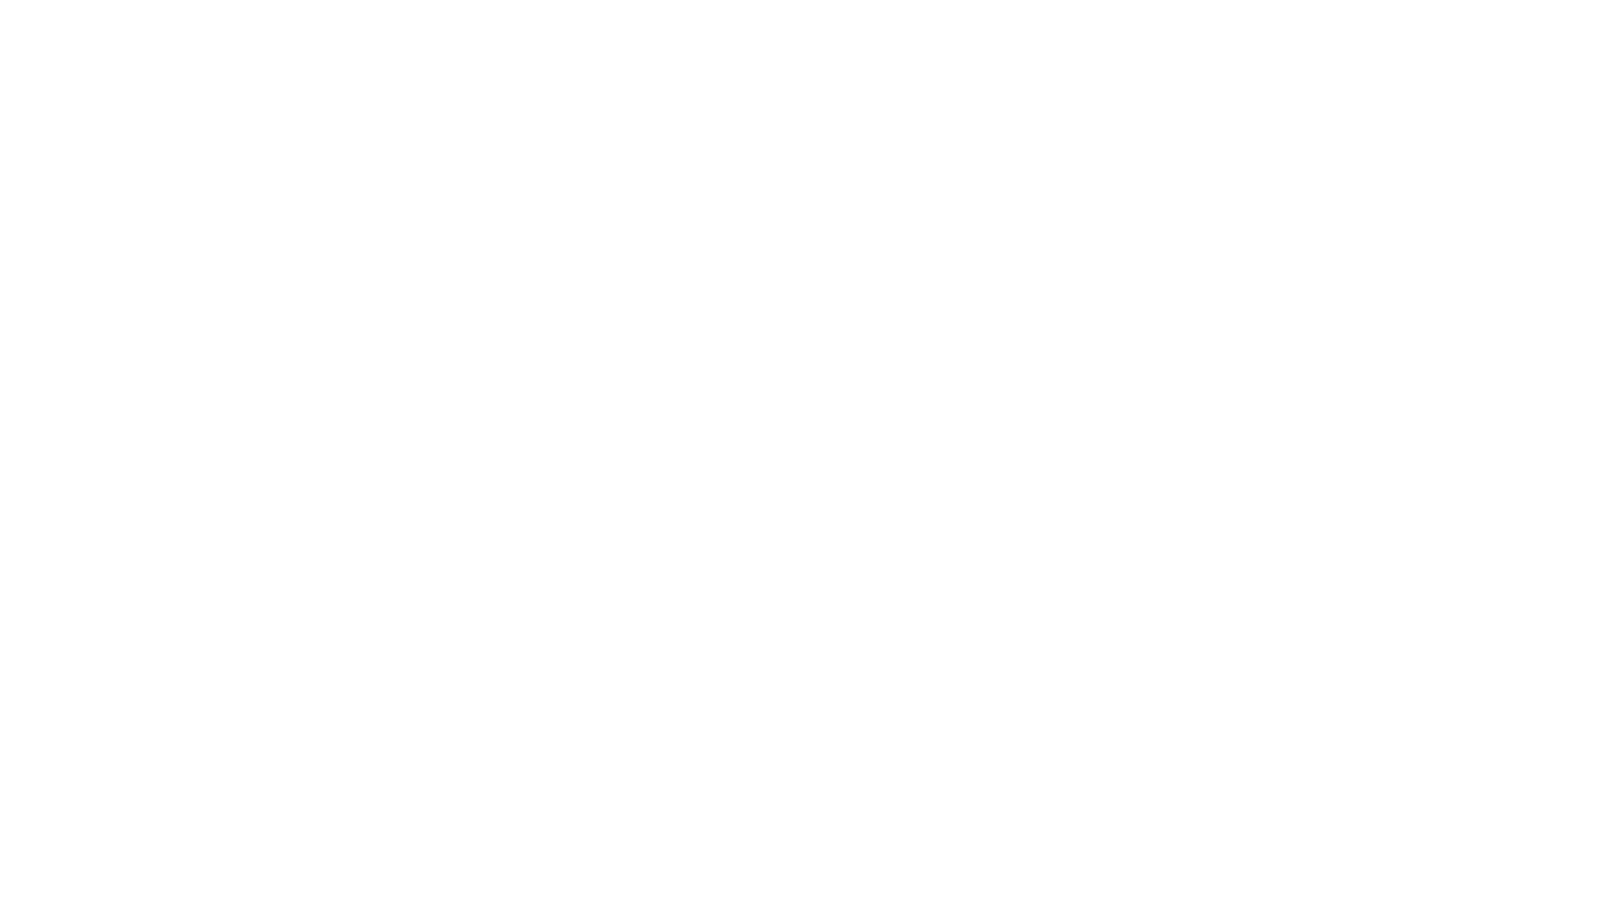 2021年4月18日(日)は チームオタクさんとともにタケノコ堀へ  『釣りじゃないやん!』というツッコみは 無しでお願いします!(笑)  #タケノコ #タケノコ掘り #関根健太 #gamakatsu #LUXXE #がまかつ #ラグゼ  #ABU   関根健太の『魚釣り』な日々はこちらからどうぞ!  ホームページ https://kentasekine.com/  インスタグラム https://www.instagram.com/kenta.sekine1/  フェイスブック https://www.facebook.com/kenta.sekine1/